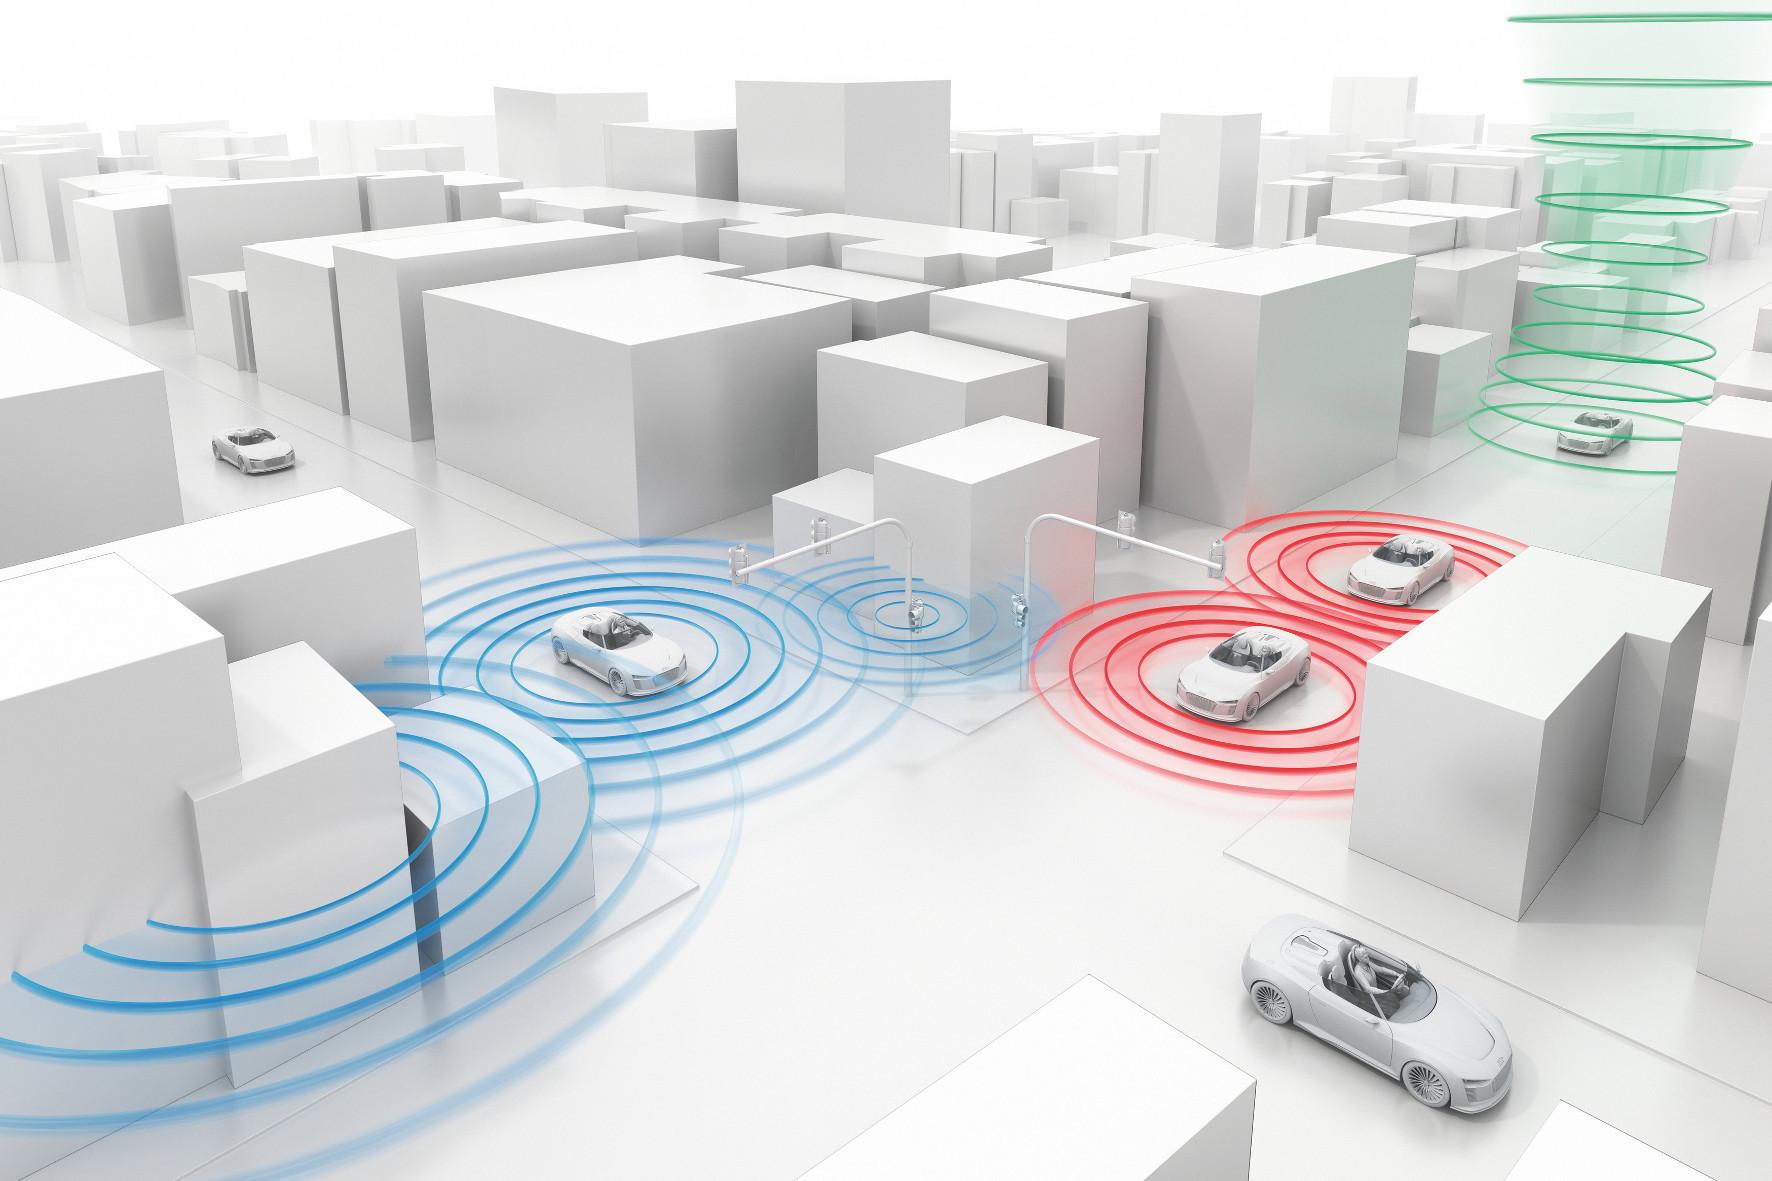 mid Groß-Gerau - Das Karten-Material von HERE ist quasi lernfähig. So sollen künftig die Daten von Millionen vernetzen Fahrzeugen eingebunden werden. Und je mehr Daten einfließen, desto besser werden die Karten, Produkte und Services.